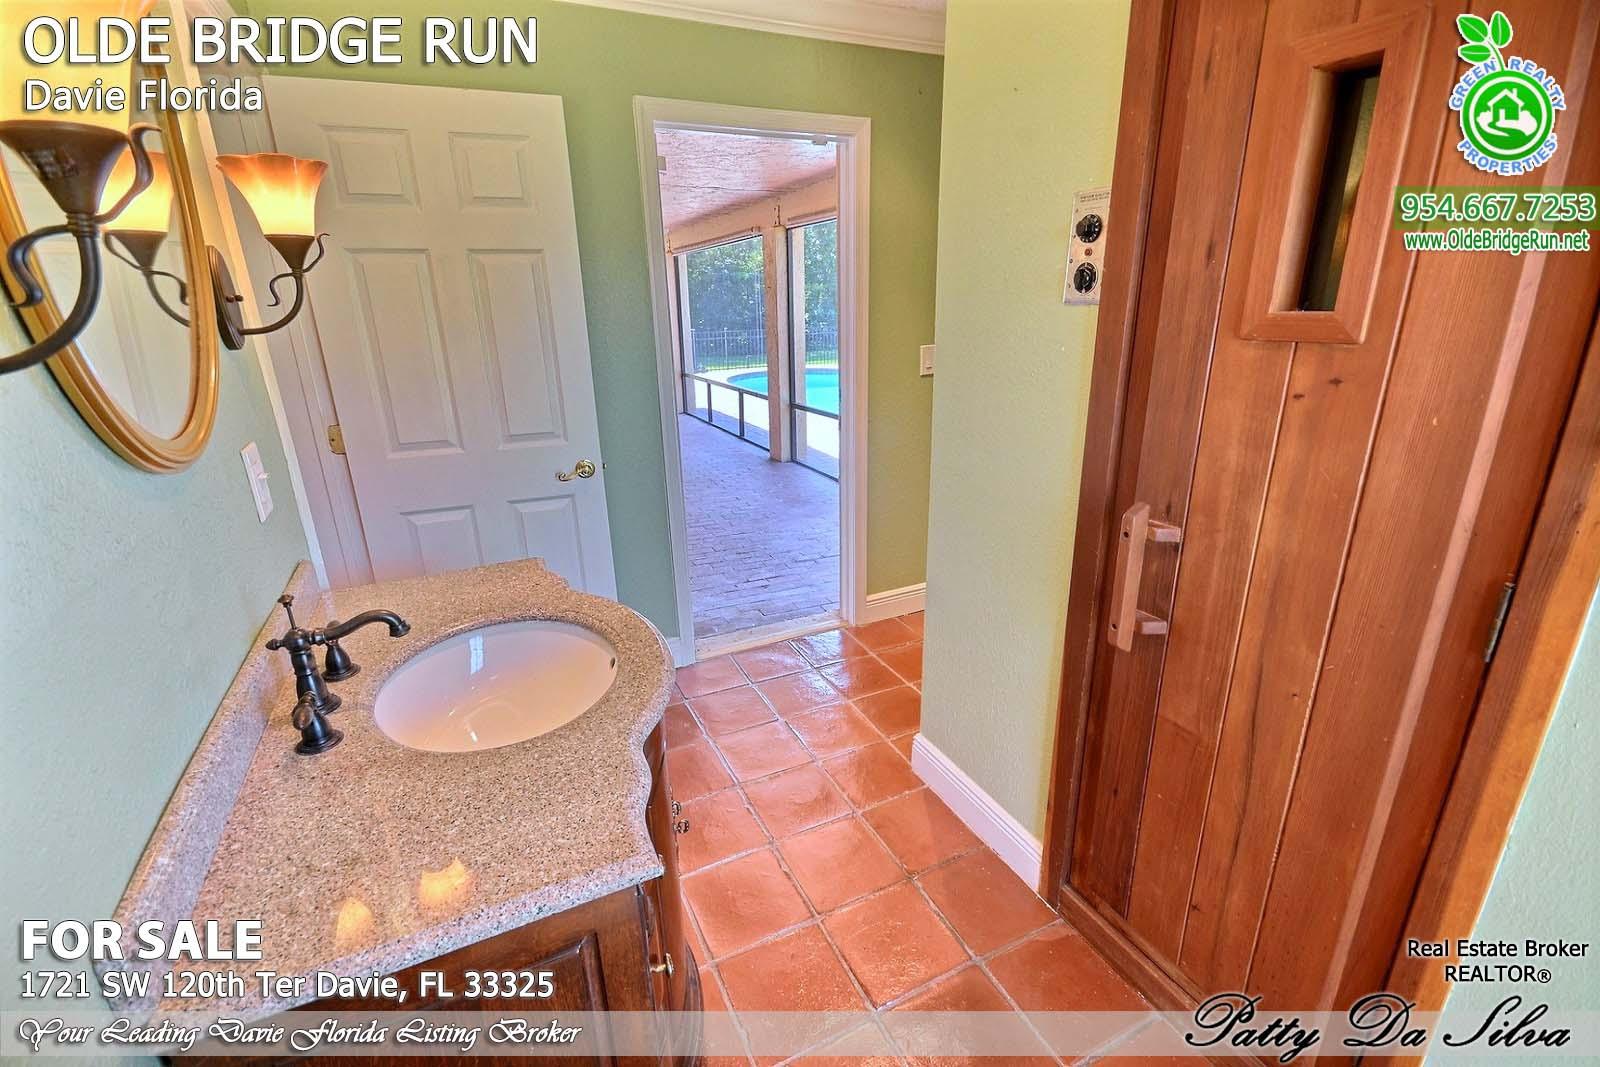 Olde Bridge Run Homes in Davie FL (13)